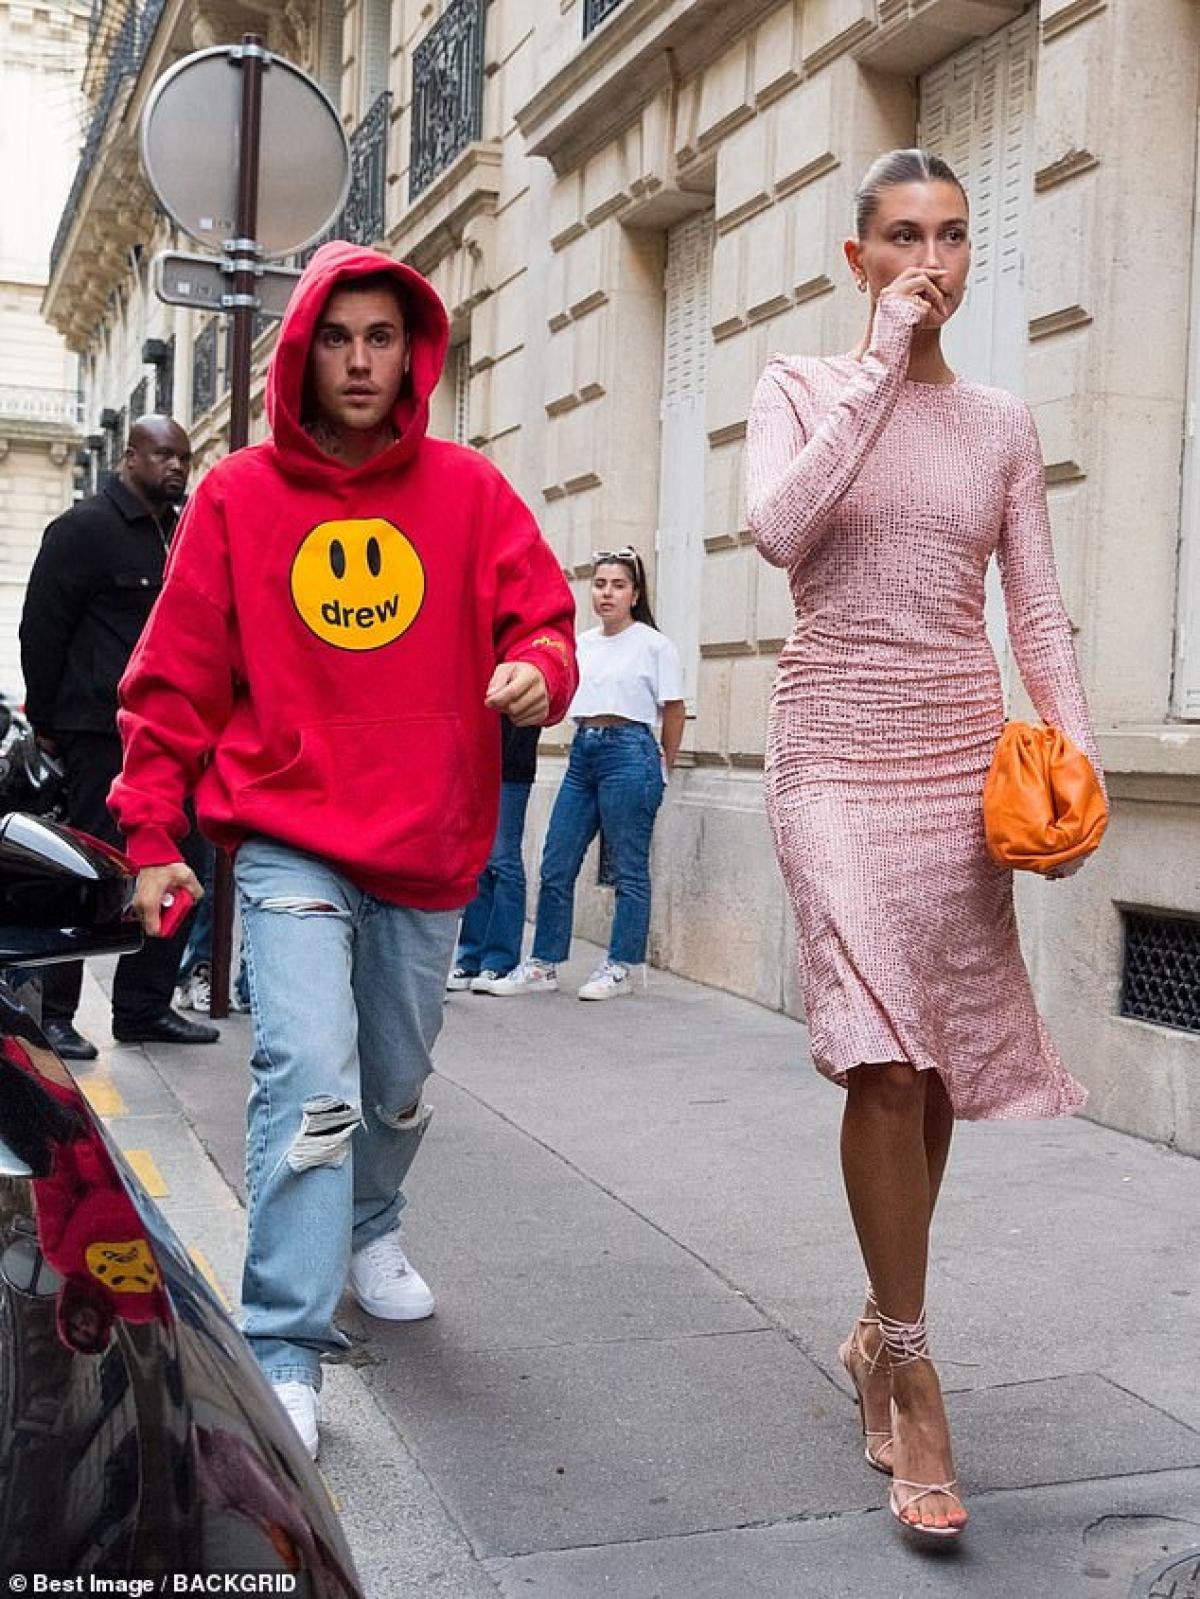 Được biết, Justin Bieber hộ tống vợ đến Paris dự sự kiện.